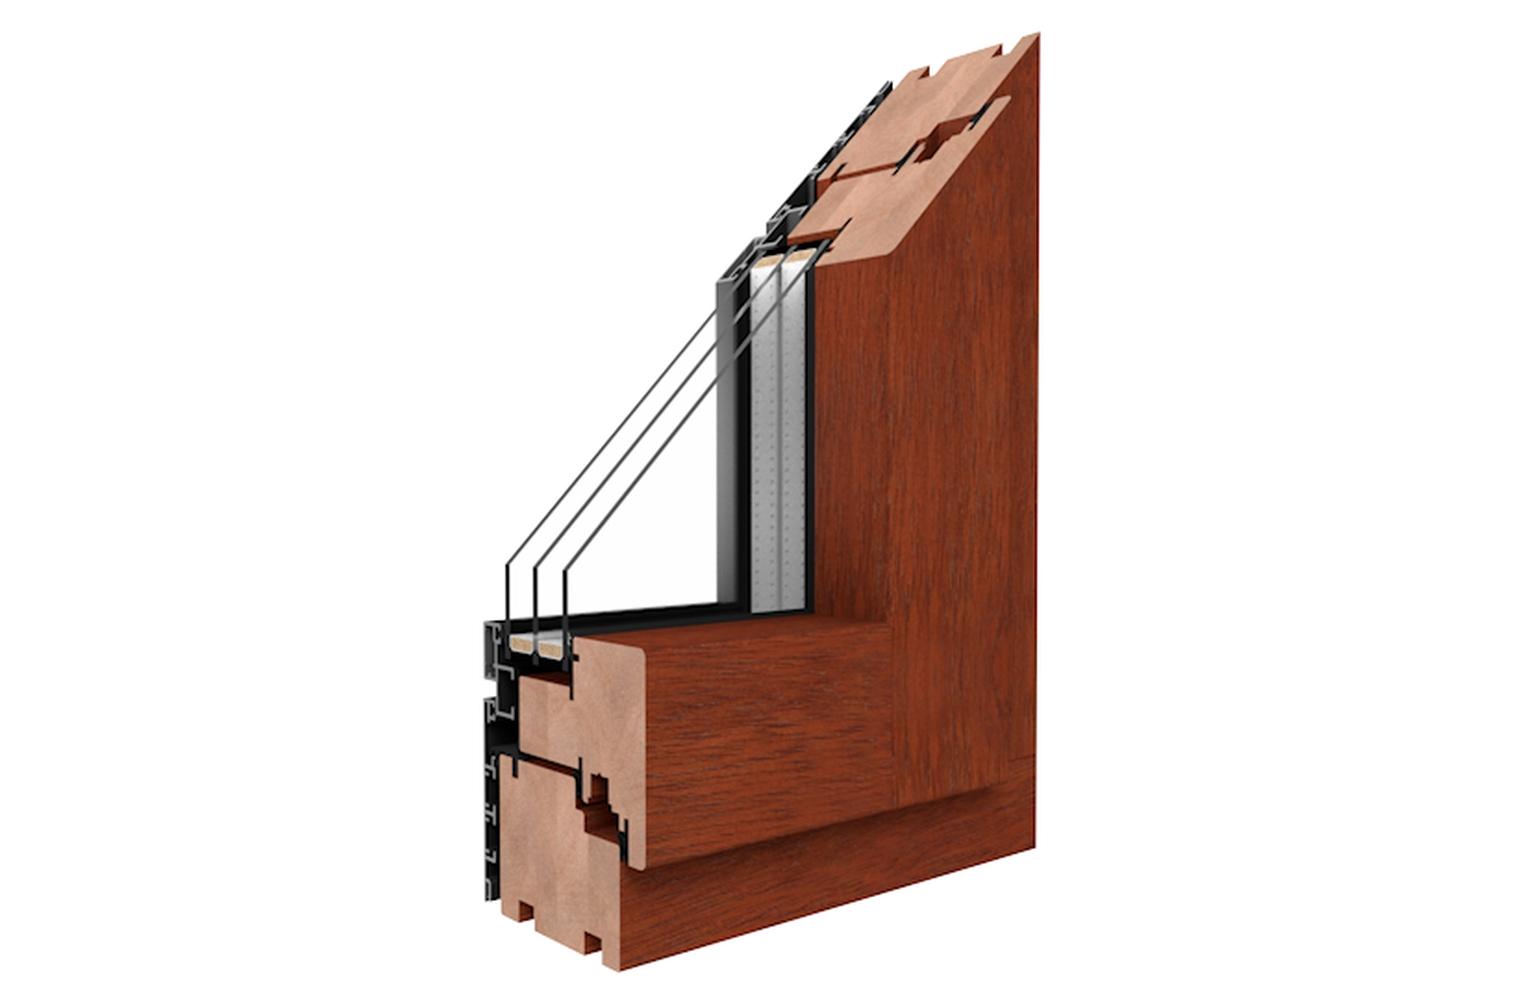 Holz alu fenster vorteile  Holz-Alu-Fenster Vor- und Nachteile | Jetzt vergleichen und ...